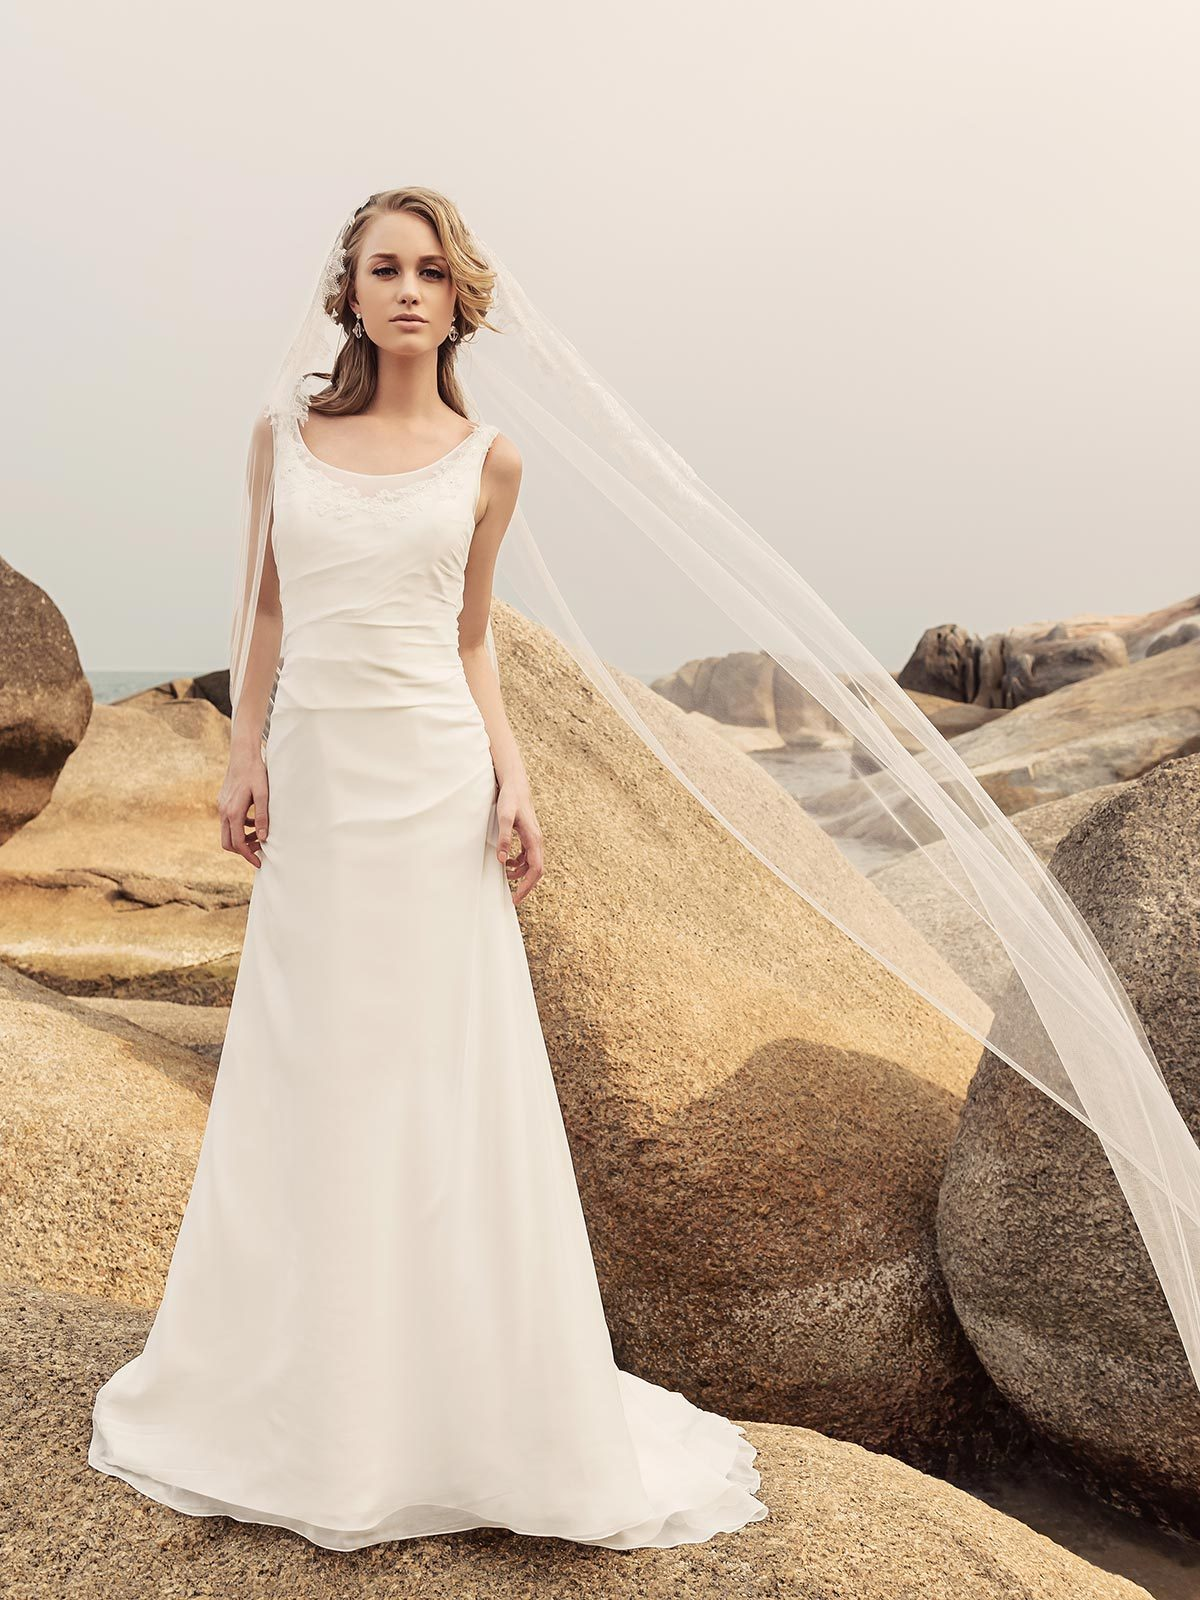 Brautkleid Britt Von Rembo Styling Auf Ja De